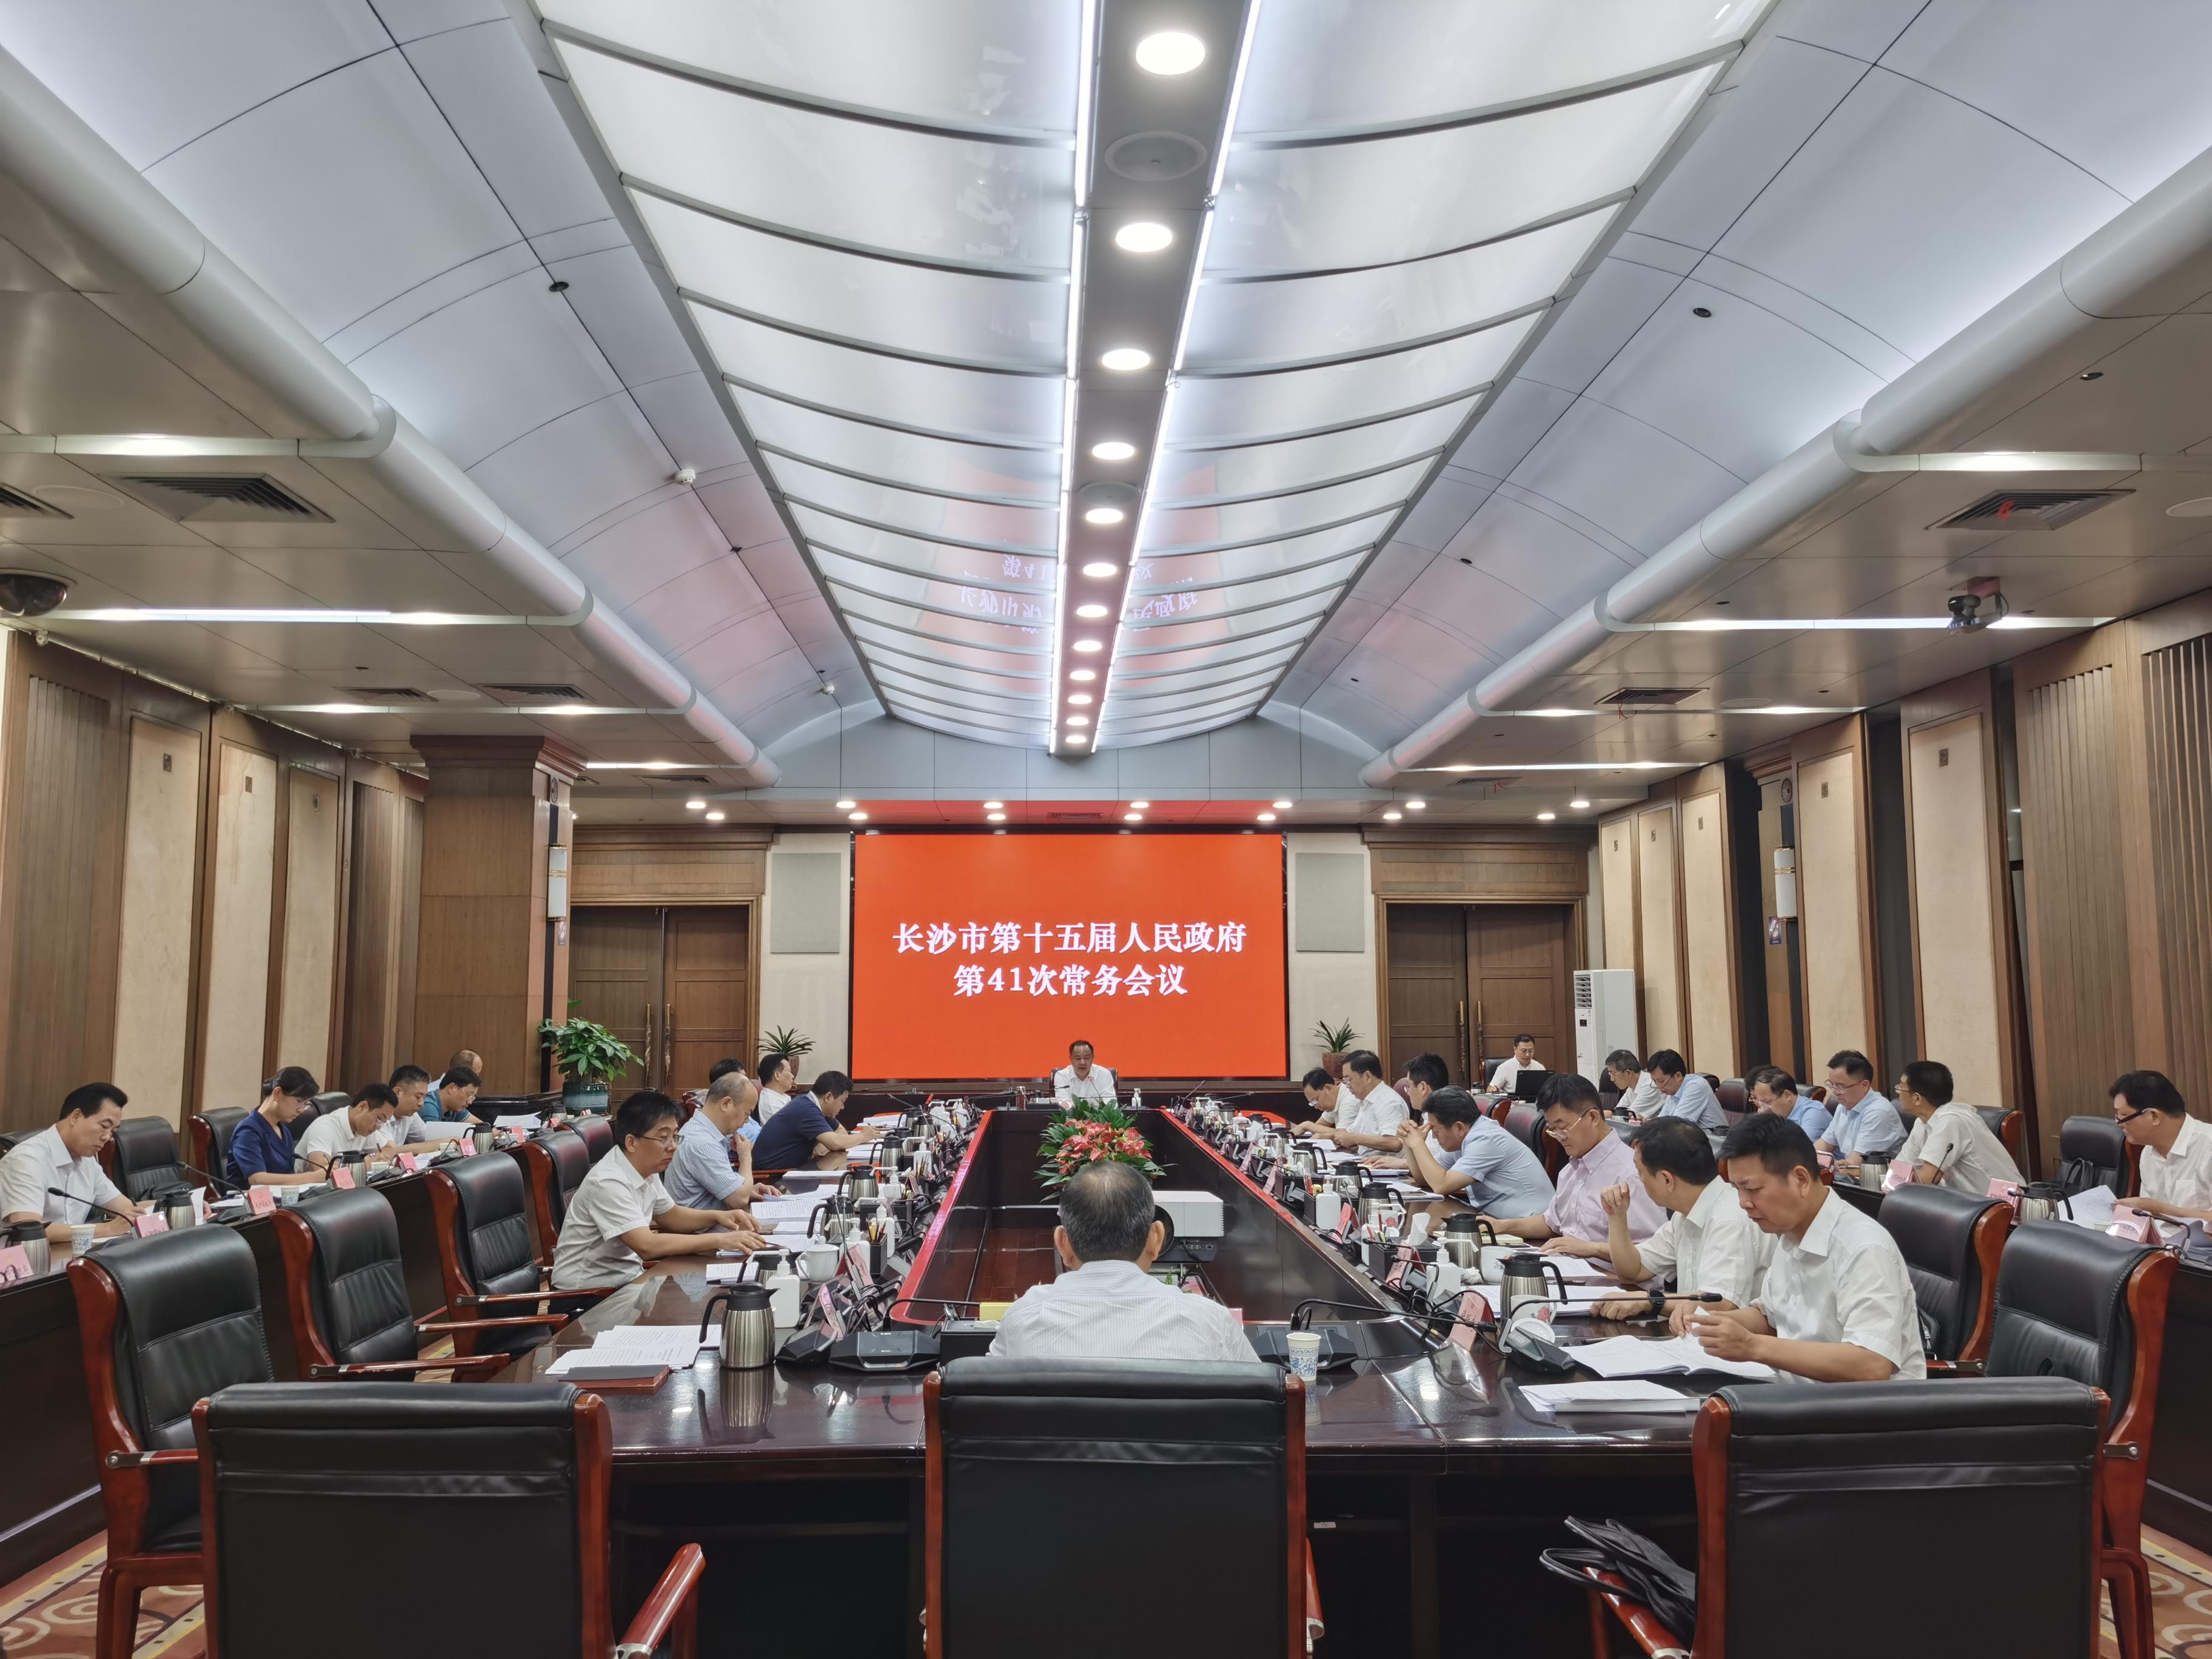 郑建新主持召开市政府第41次常务会议。长沙晚报全媒体记者黄汝兮摄